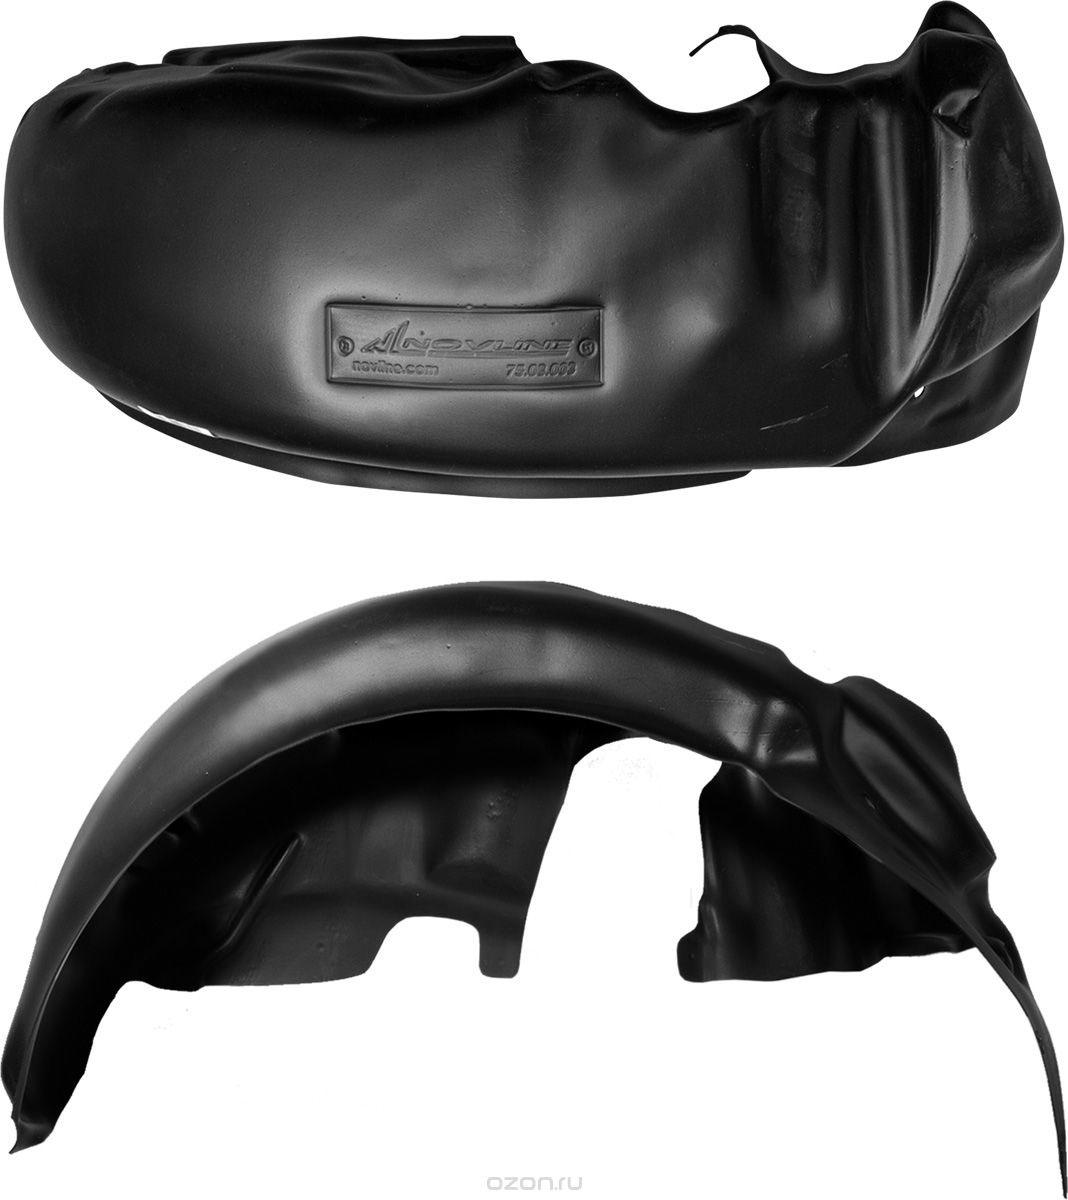 Подкрылок Novline-Autofamily, для FAW Besturn B50, 2012->, задний правыйSATURN CANCARDИдеальная защита колесной ниши. Локеры разработаны с применением цифровых технологий, гарантируют максимальную повторяемость поверхности арки. Изделия устанавливаются без нарушения лакокрасочного покрытия автомобиля, каждый подкрылок комплектуется крепежом. Уважаемые клиенты, обращаем ваше внимание, что фотографии на подкрылки универсальные и не отражают реальную форму изделия. При этом само изделие идет точно под размер указанного автомобиля.